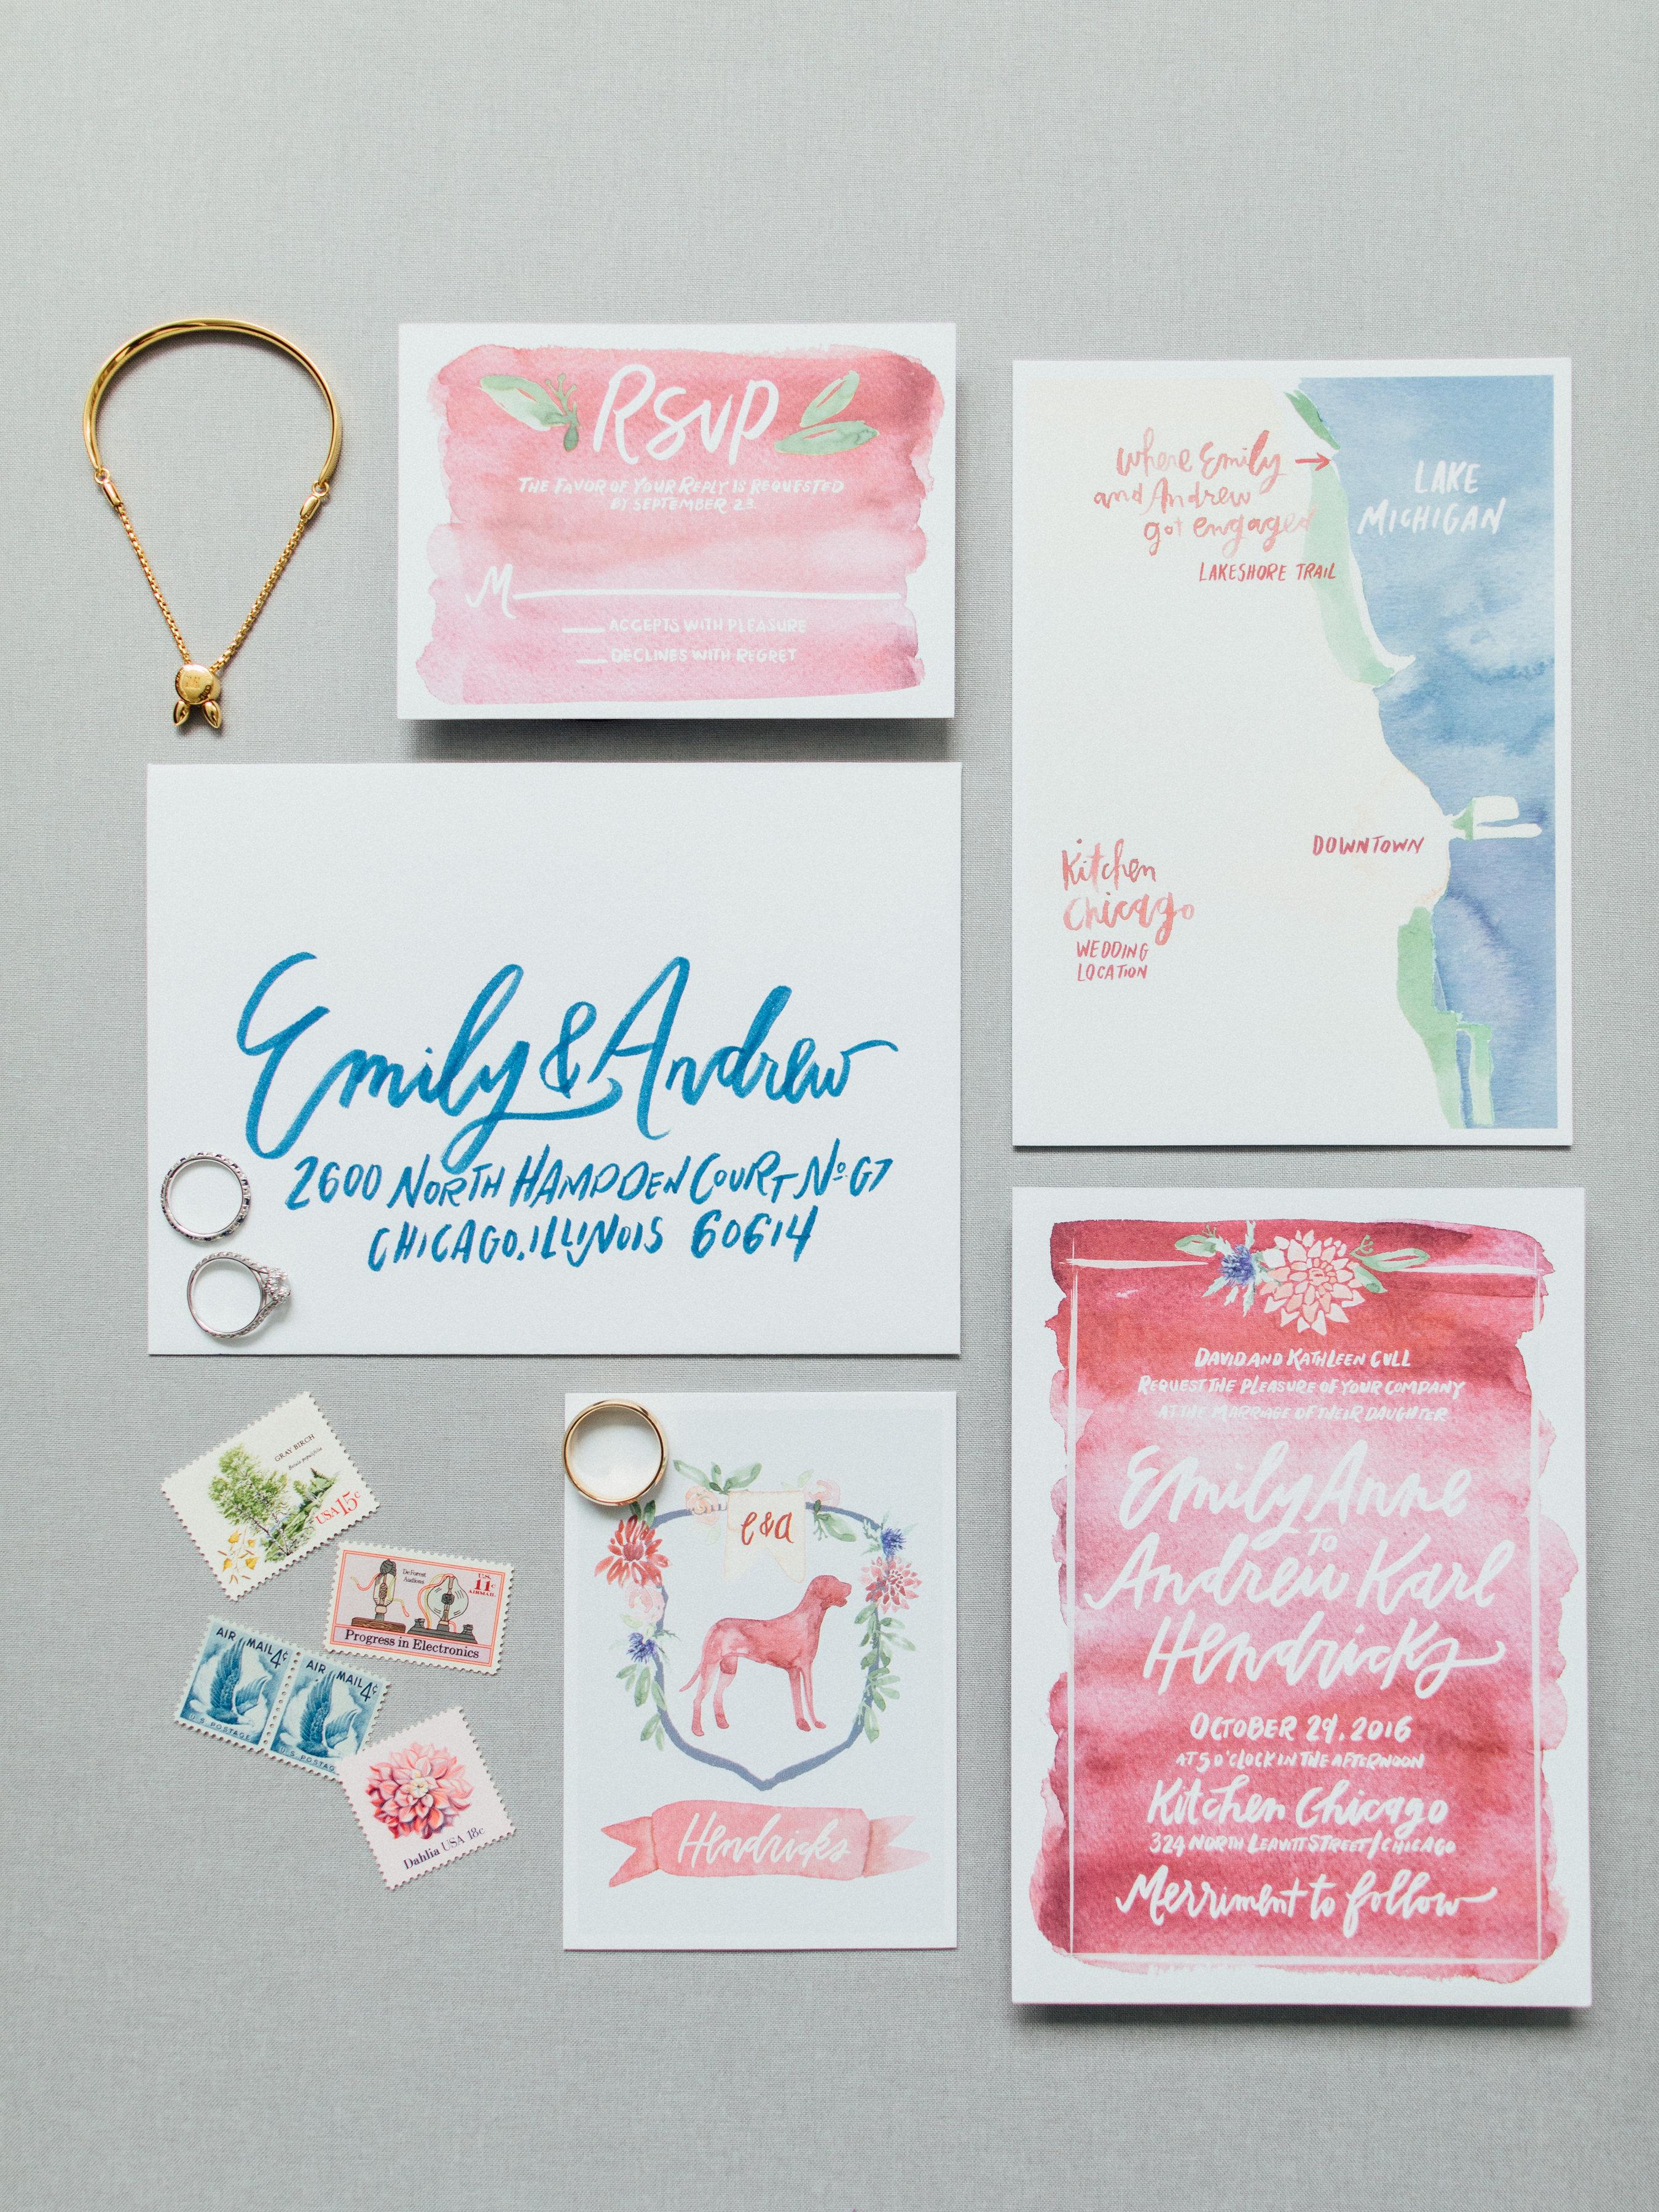 City View Lofts Wedding: Emily & Andrew - La Belle Fleur Events